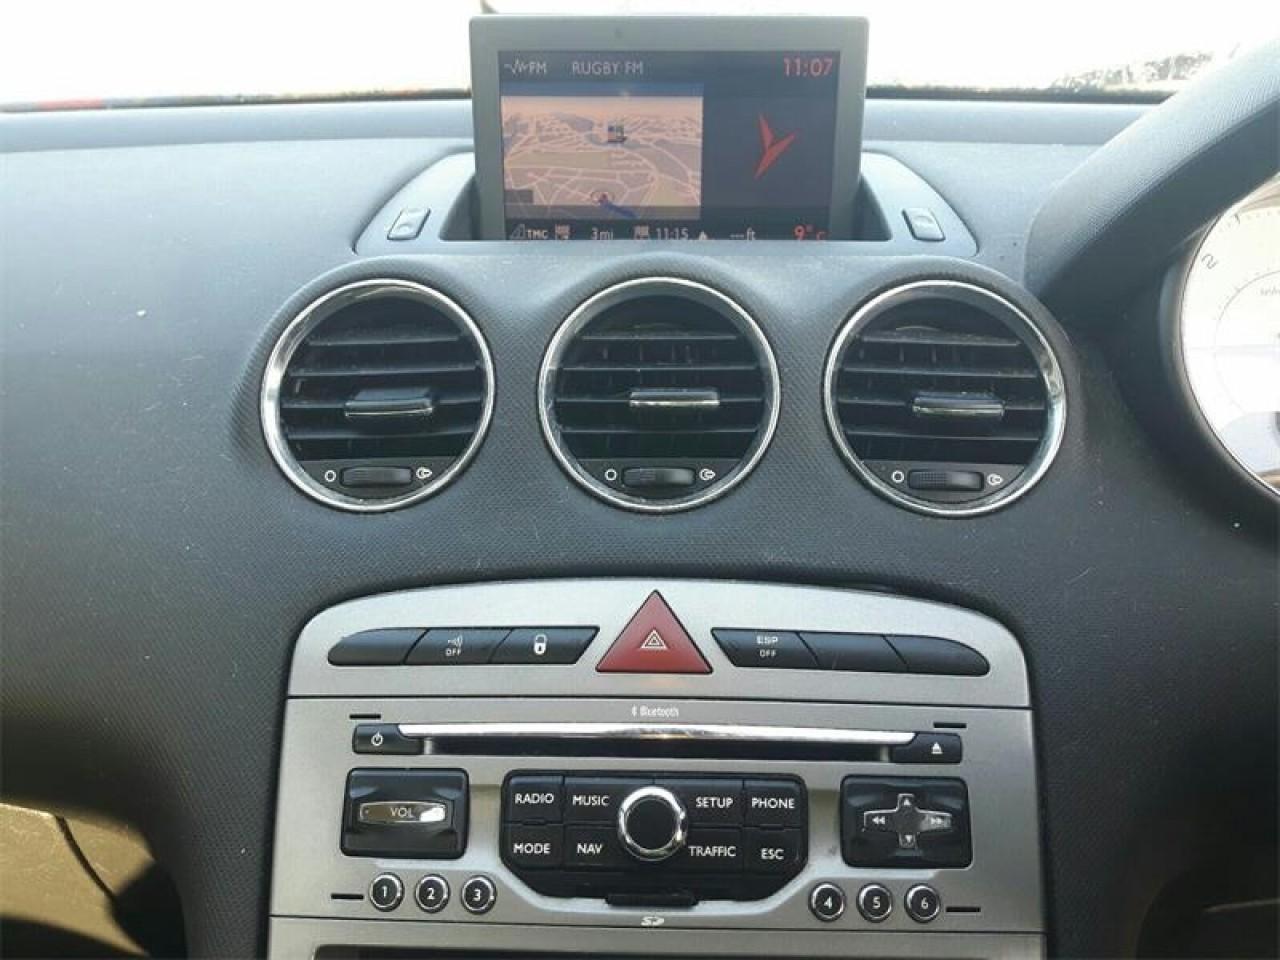 Carenaj aparatori noroi fata Peugeot 308 2010 Break 1.6 HDi